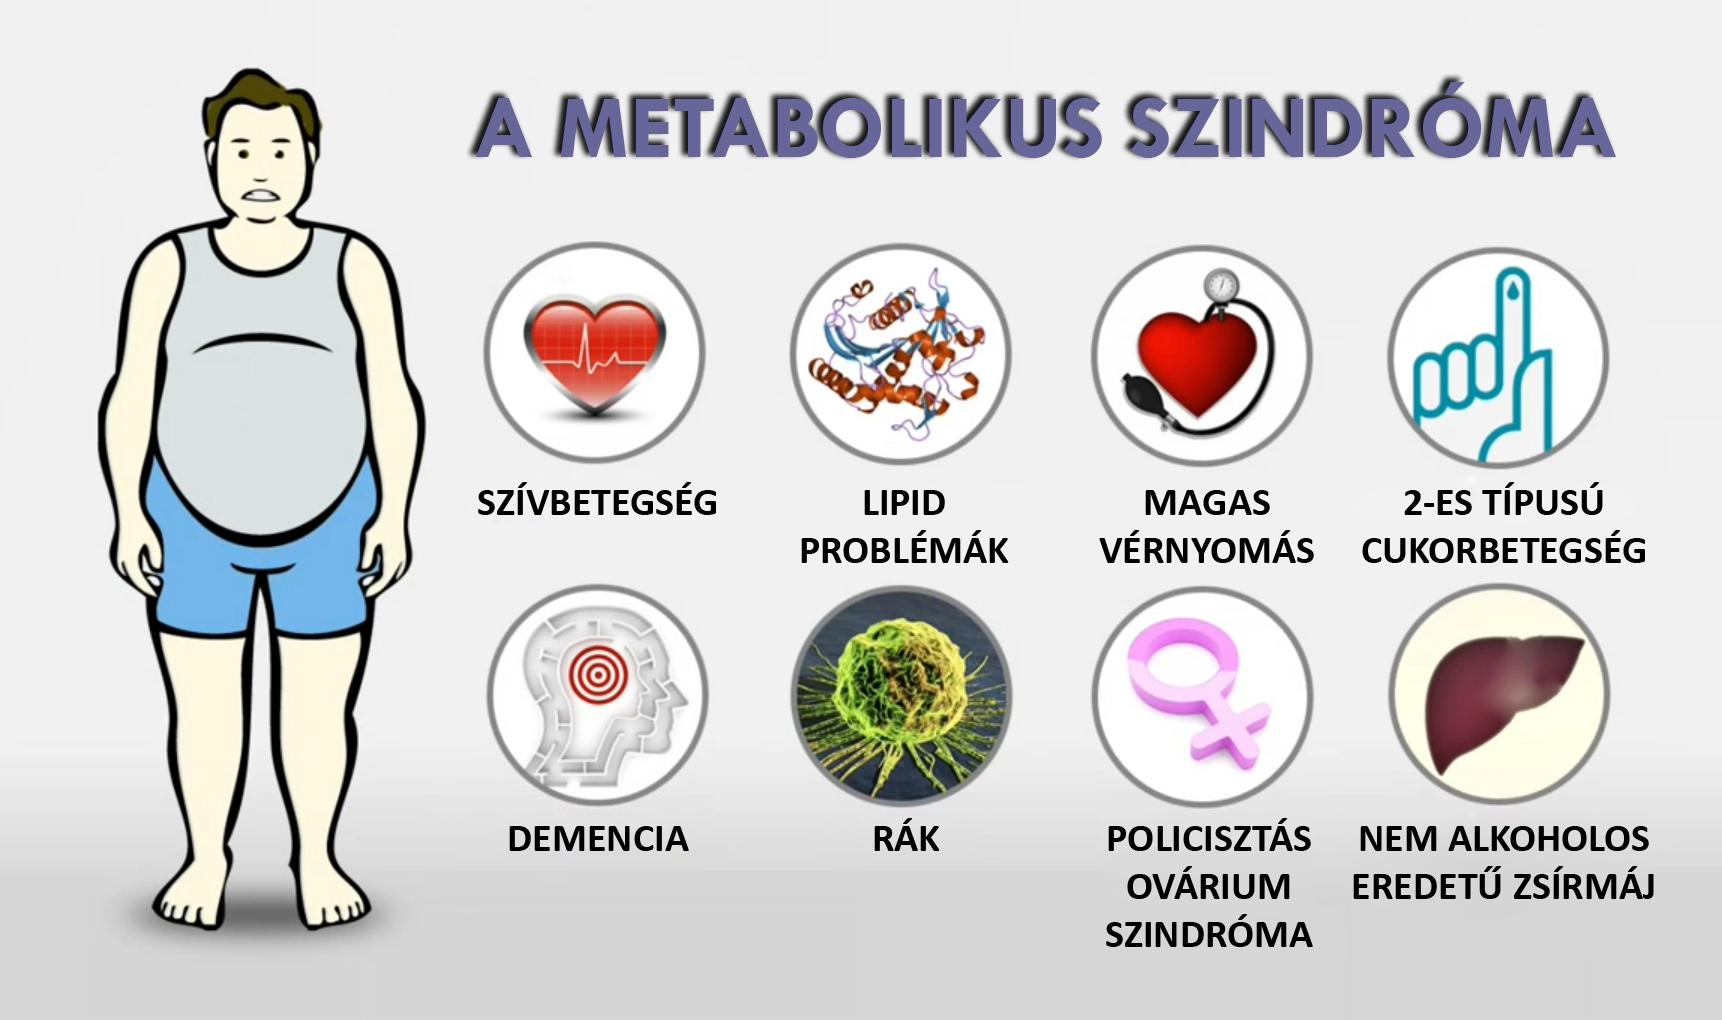 Metabolikus szindróma tünetei és kezelése - HáziPatika